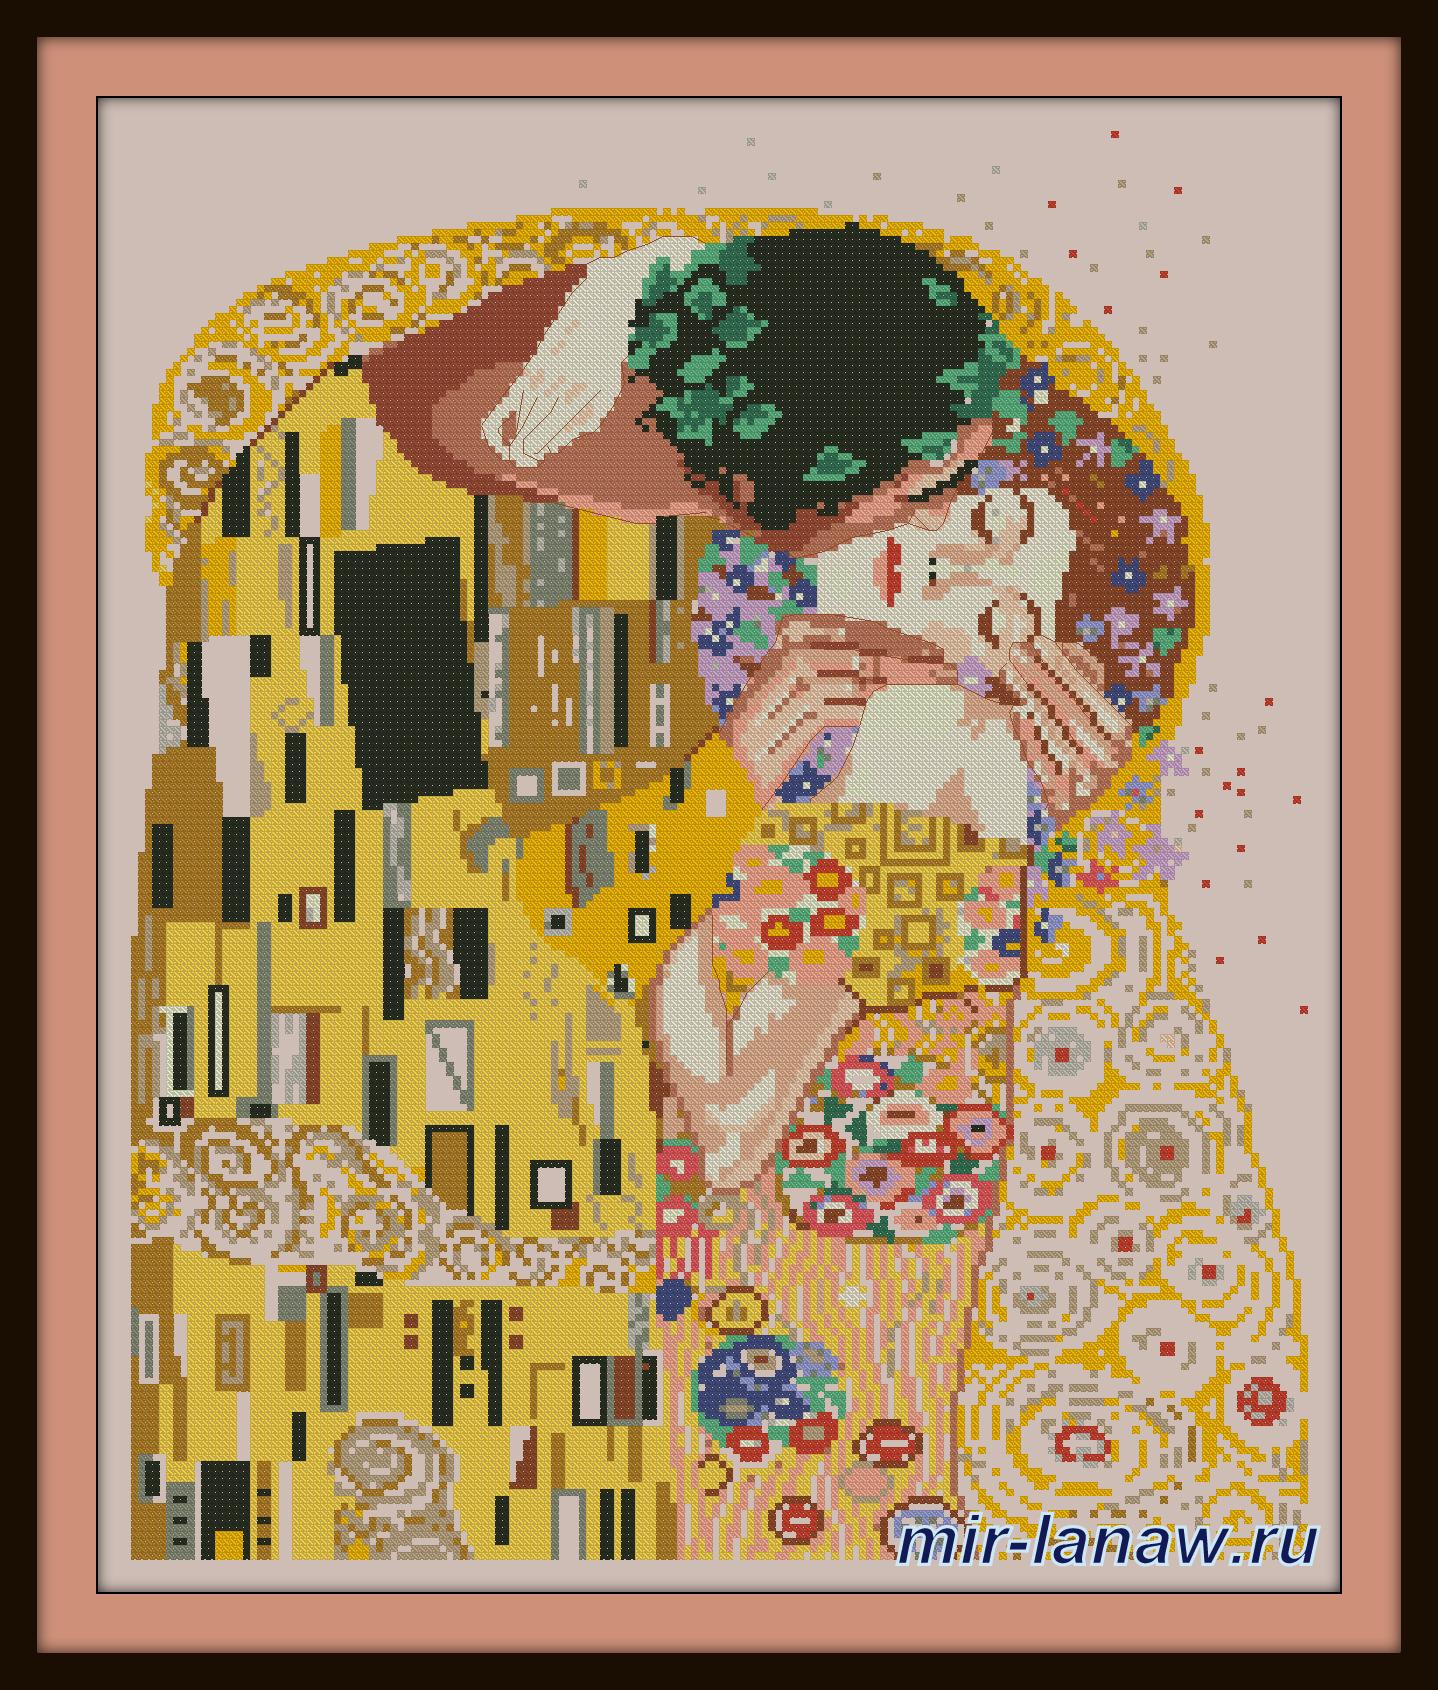 Схема к картине поцелуй